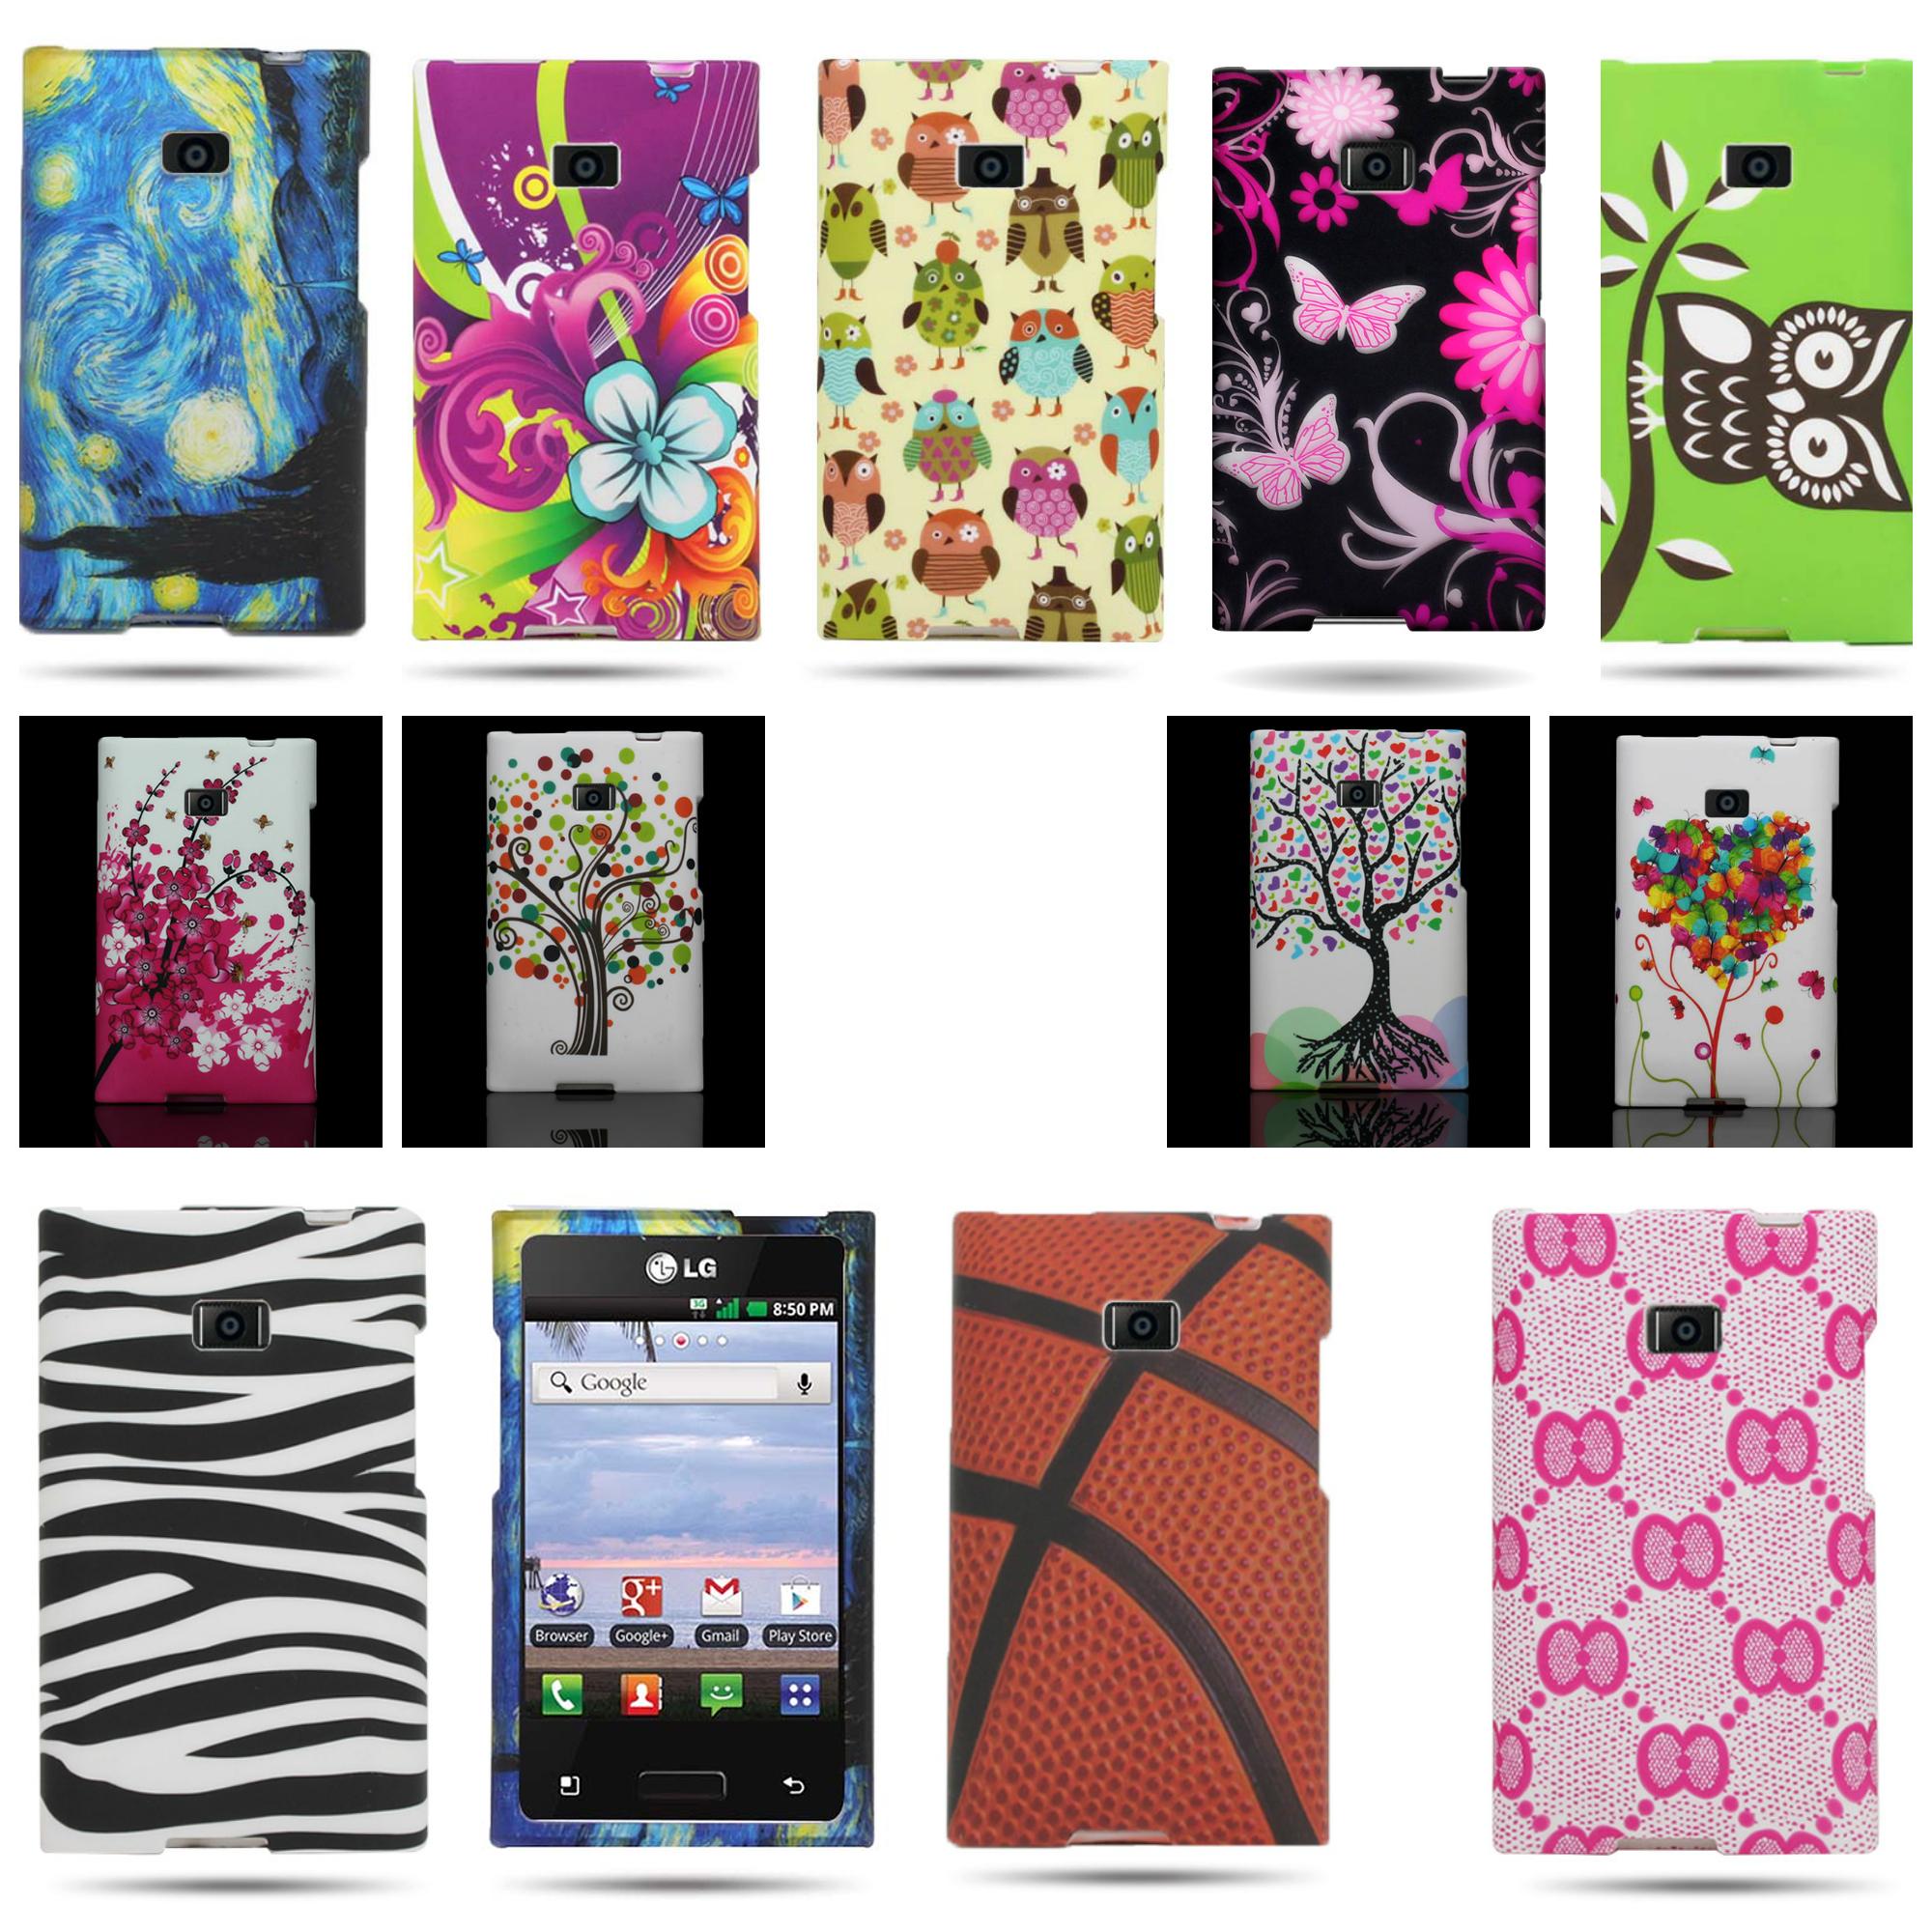 LG phone cases for lg l38c : ... Phones u0026 Accessories u0026gt; Cell Phone Accessories u0026gt; Cases, Covers u0026 Skins